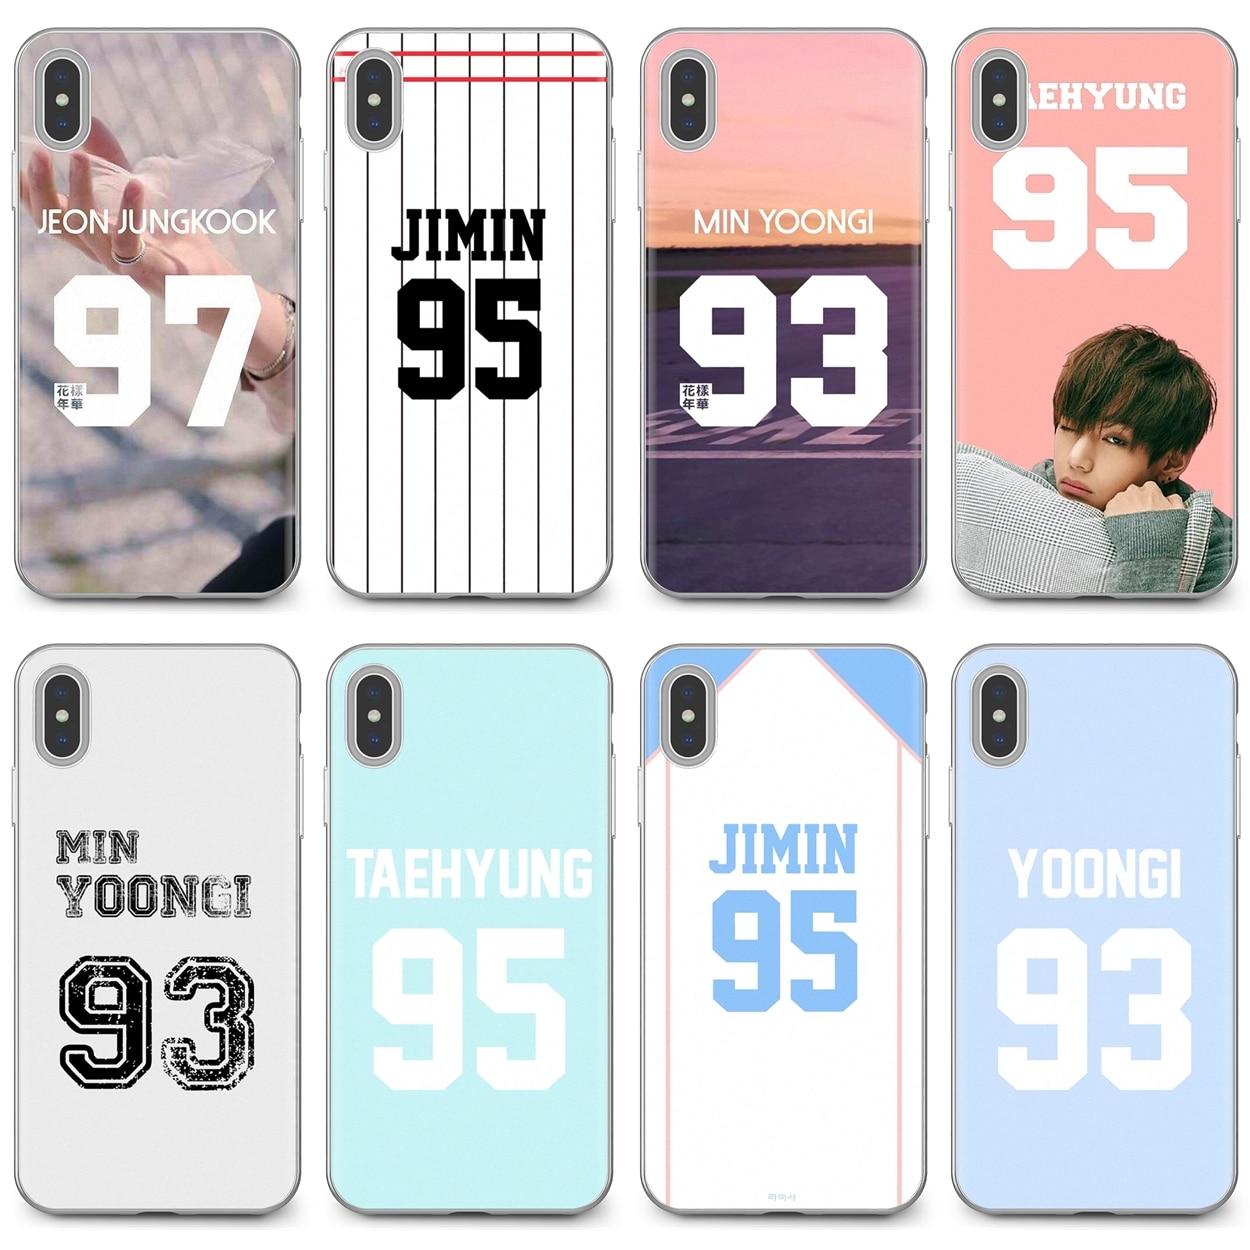 Cubierta suave coreano jersey de estrellas Jungkook jhope jimin para Huawei G7 G8 P7 P8 P9 P10 P20 P30 Lite Mini Pro P Smart 2017 de 2018 a 2019